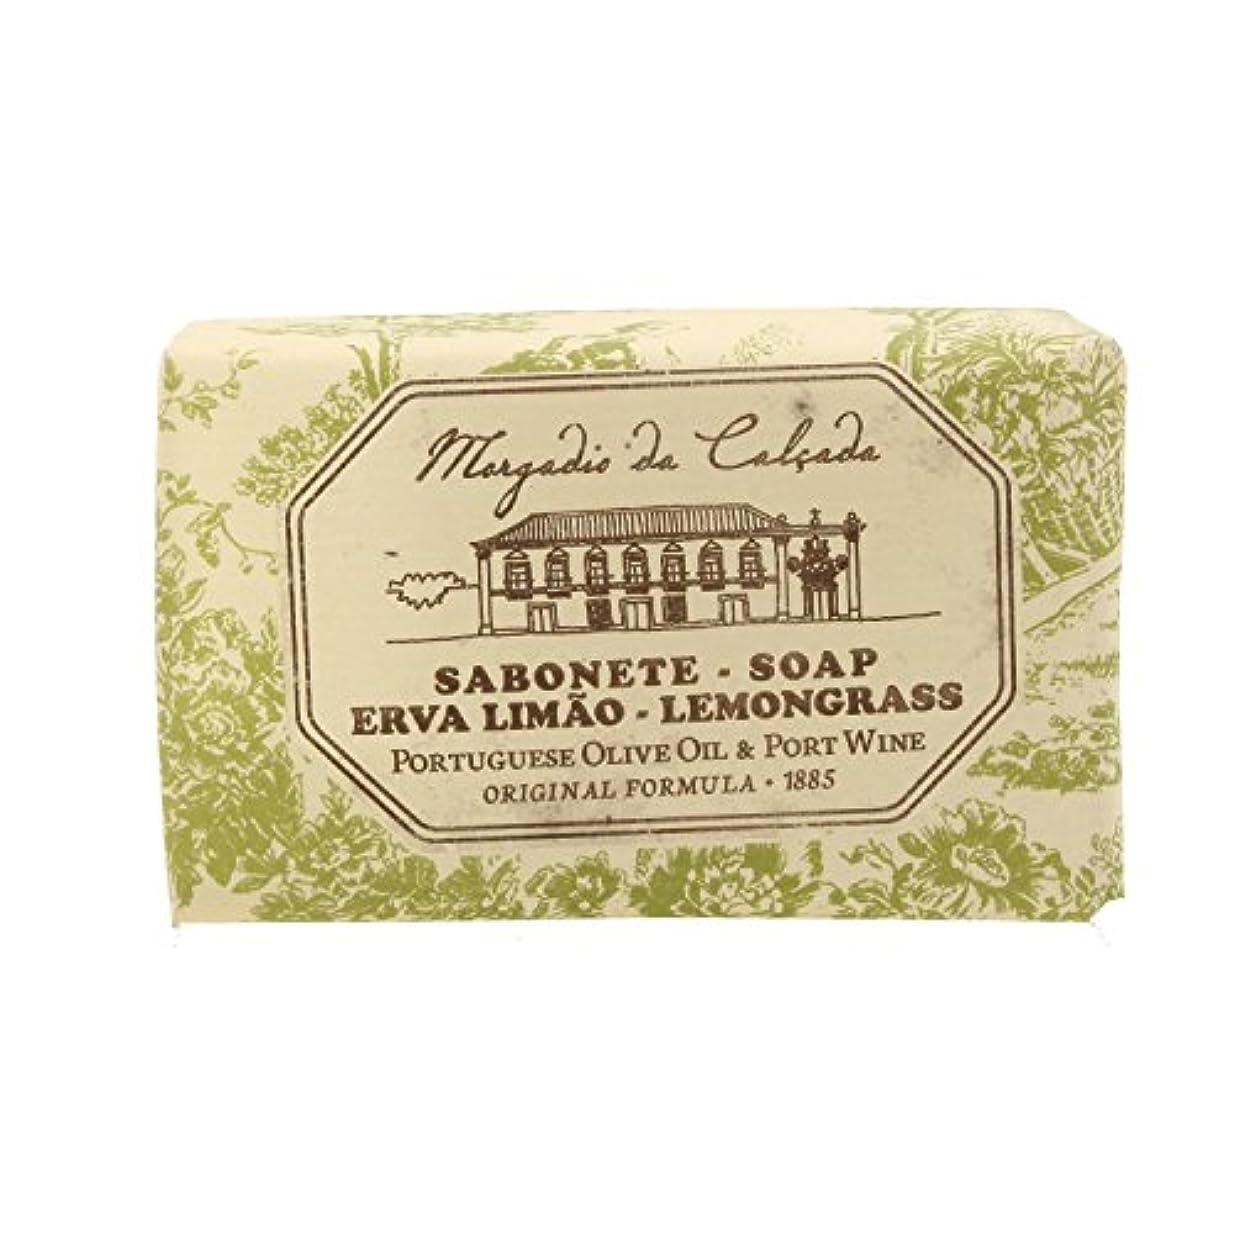 味付け三番胃モルガディオ ダ カルサダ ソープ レモングラス 95g